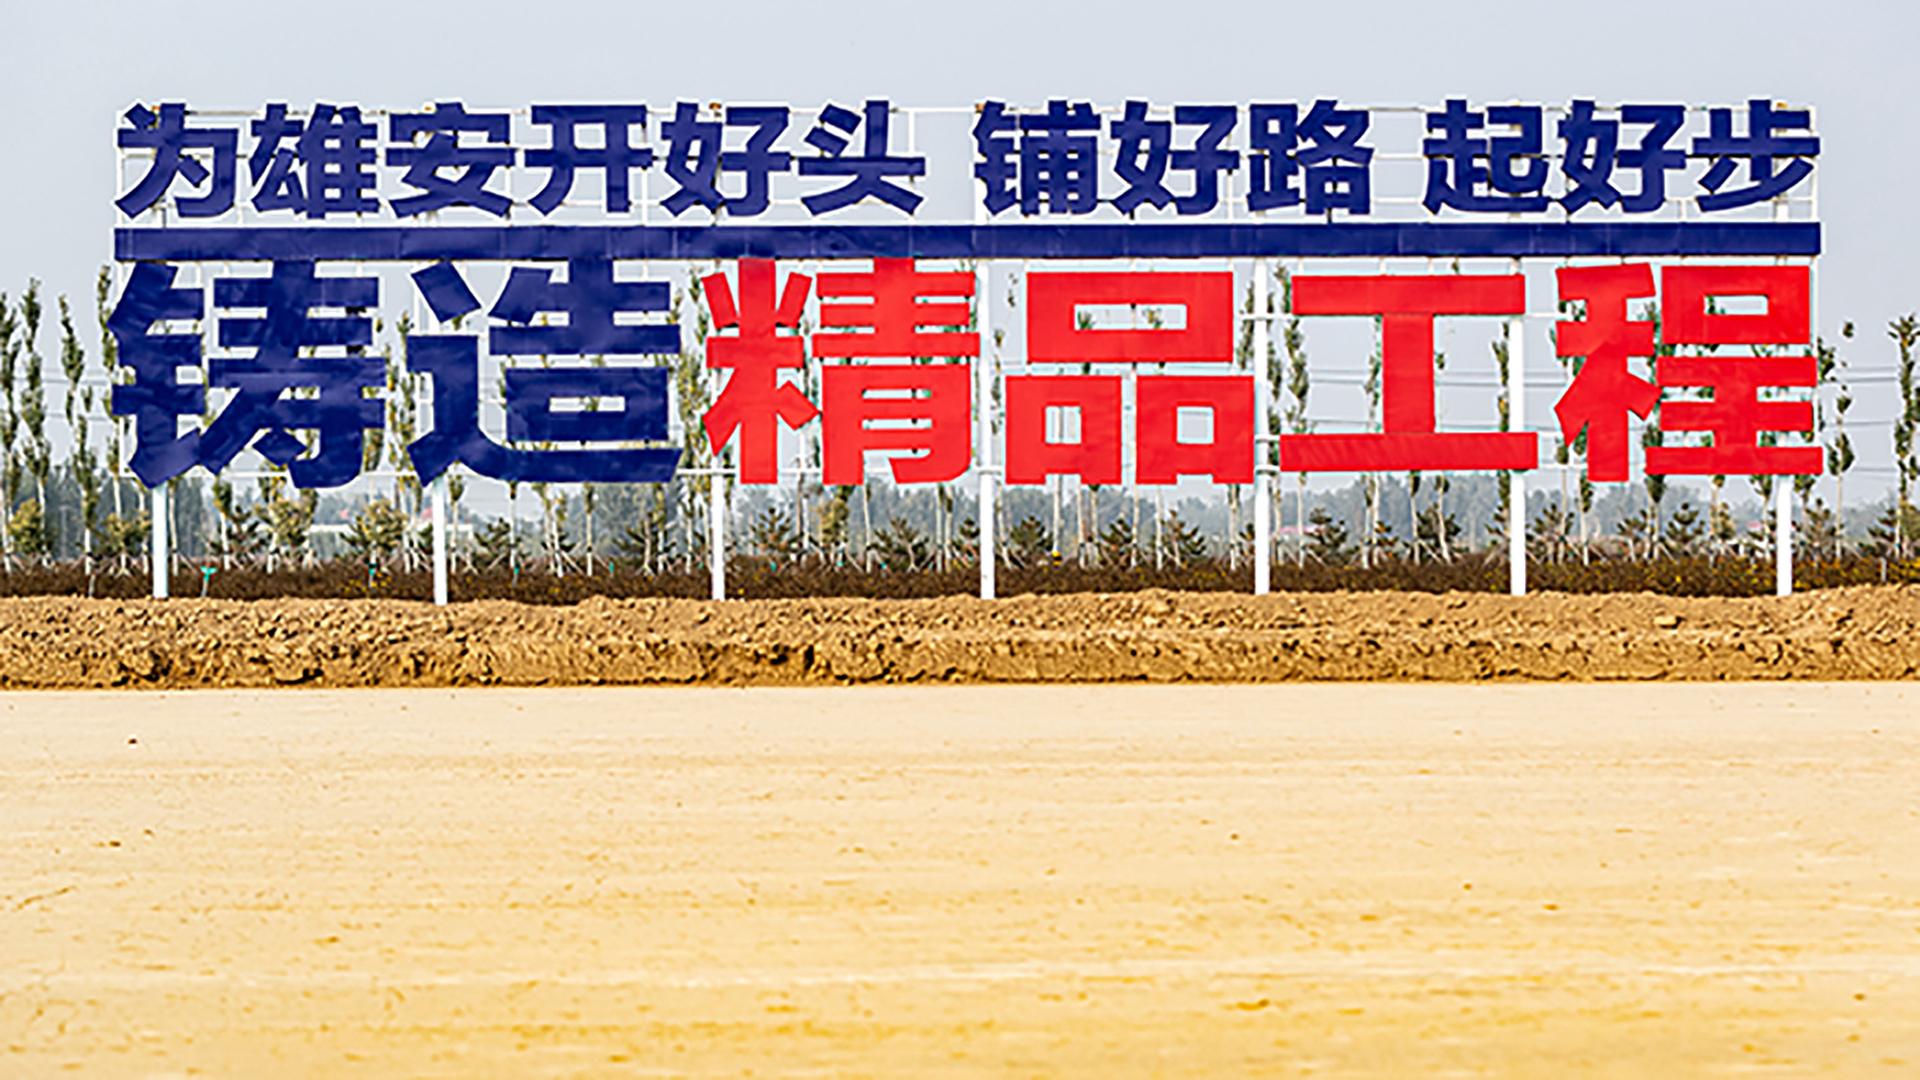 【光影雄安】走进容易线(新区段)公路一期工程施工现场